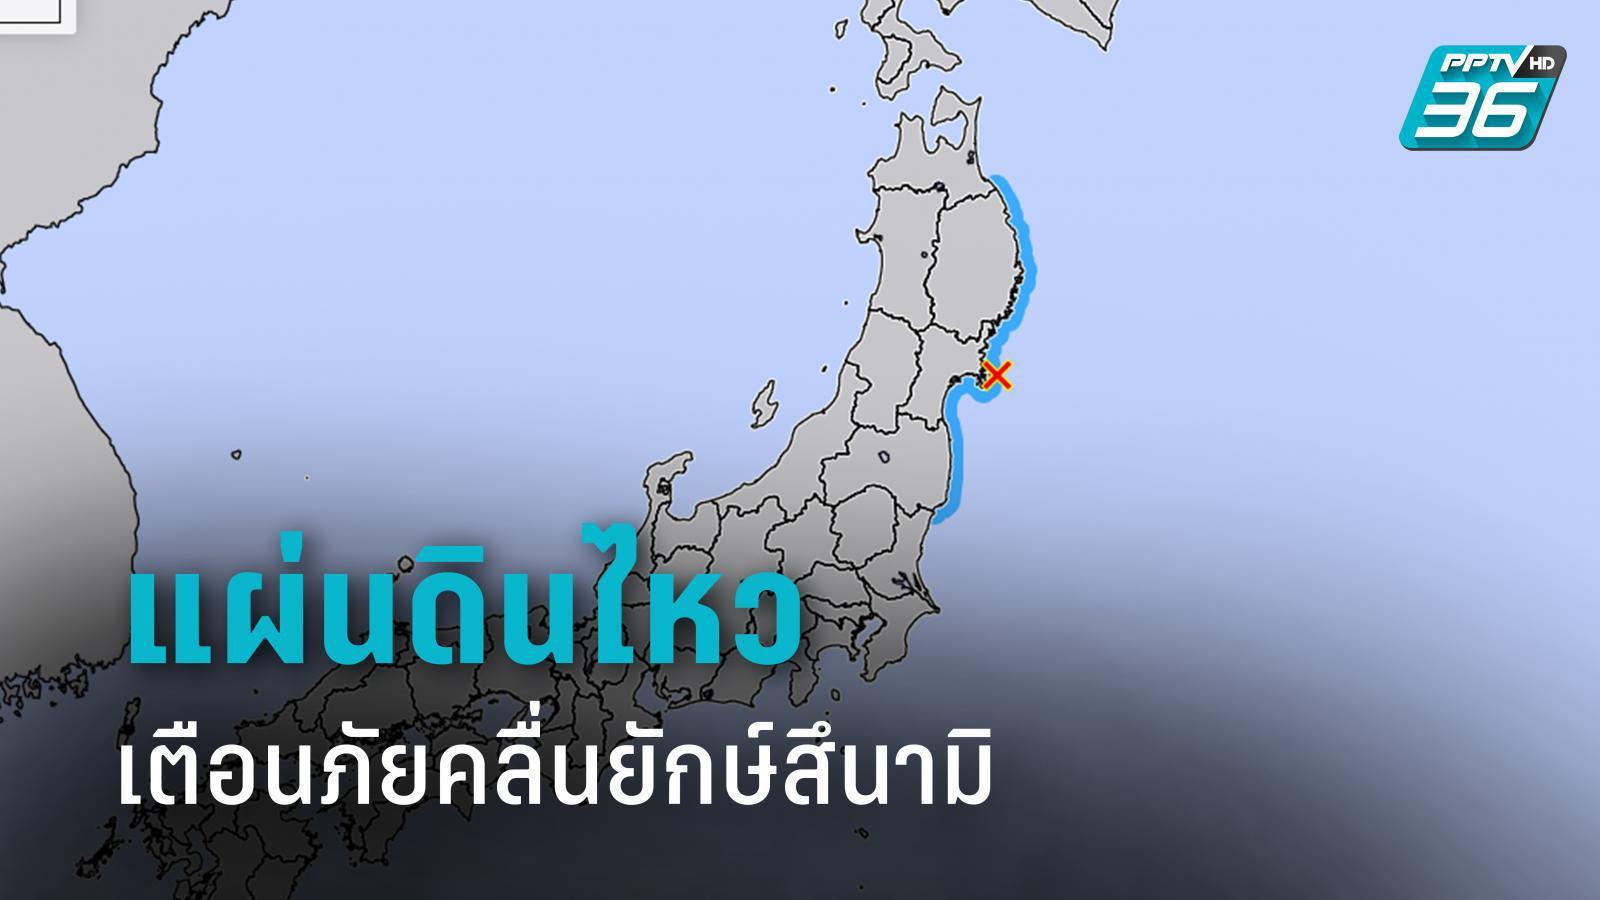 แผ่นดินไหวขนาด 7.2 เขย่าญี่ปุ่น เตือนภัยคลื่นยักษ์สึนามิ ไร้เจ็บ-ตาย